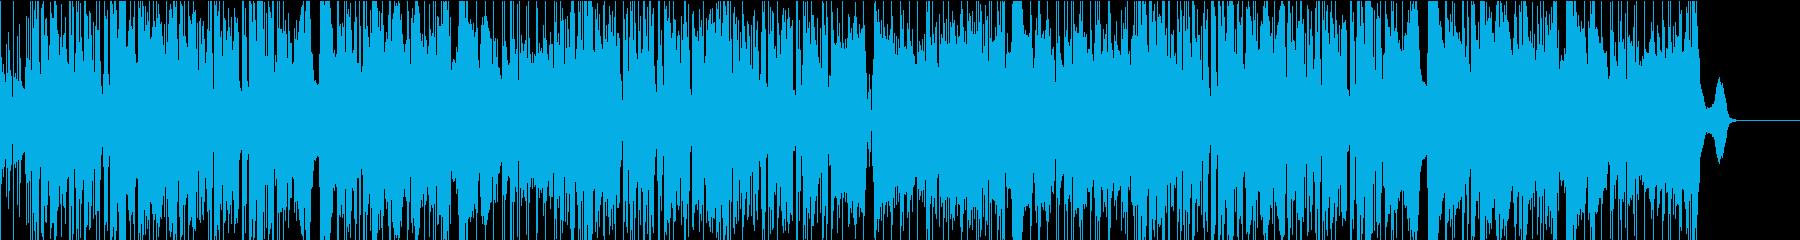 サックスの軽快なジャズ、ファンク の再生済みの波形